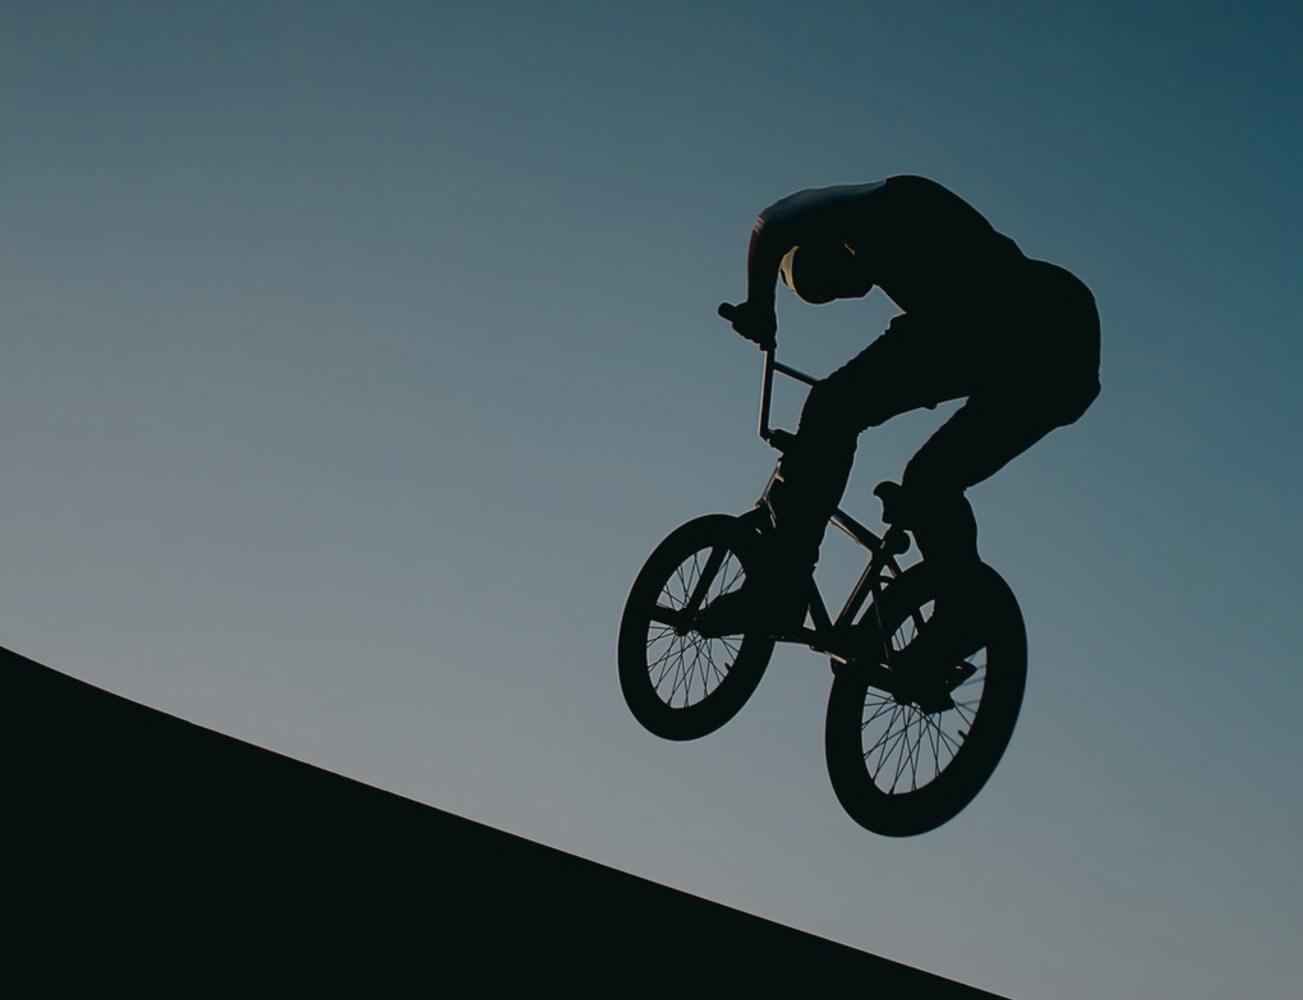 BMX bike rider doing a jump